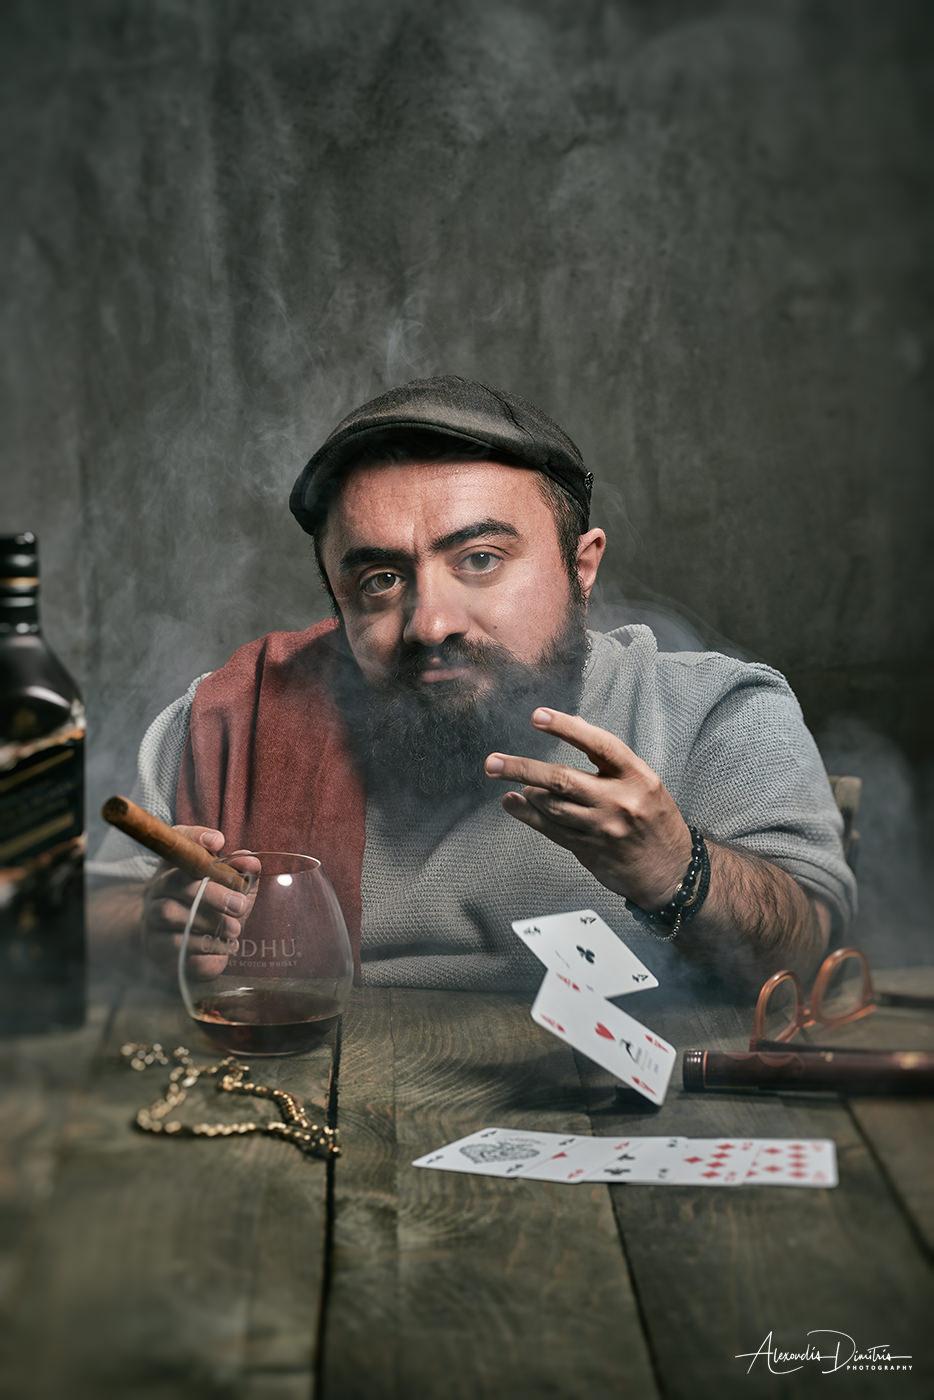 Δημήτρης Καρυπίδης